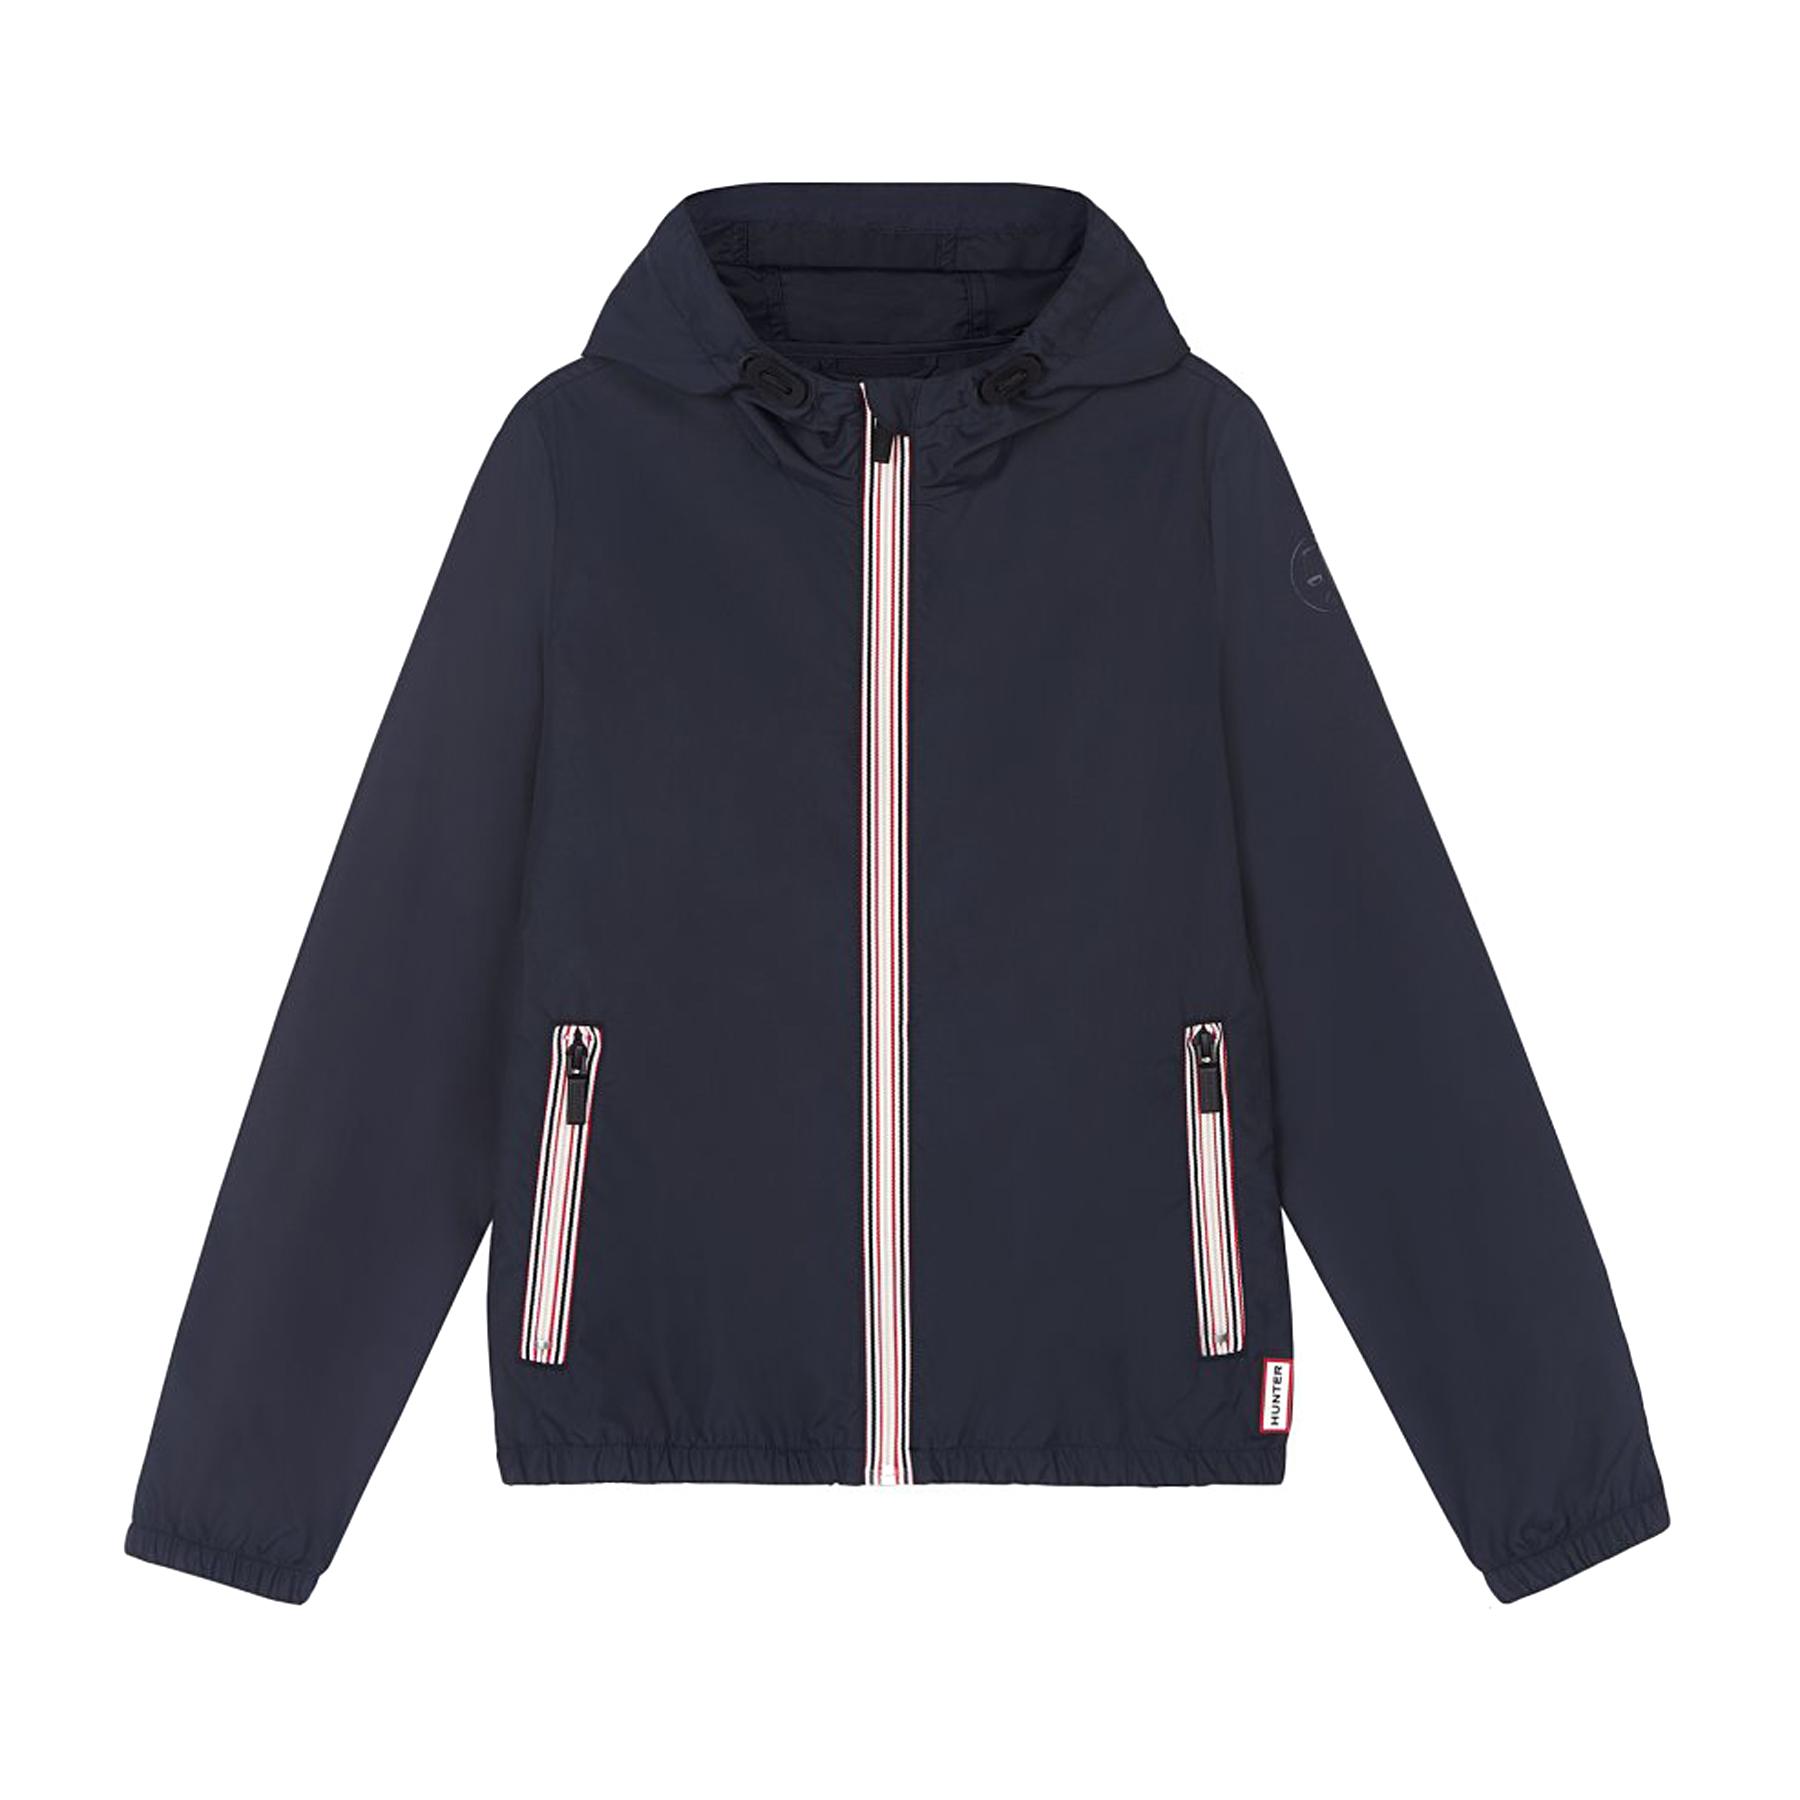 Vestes et manteaux pour garçons | Livraison gratuite